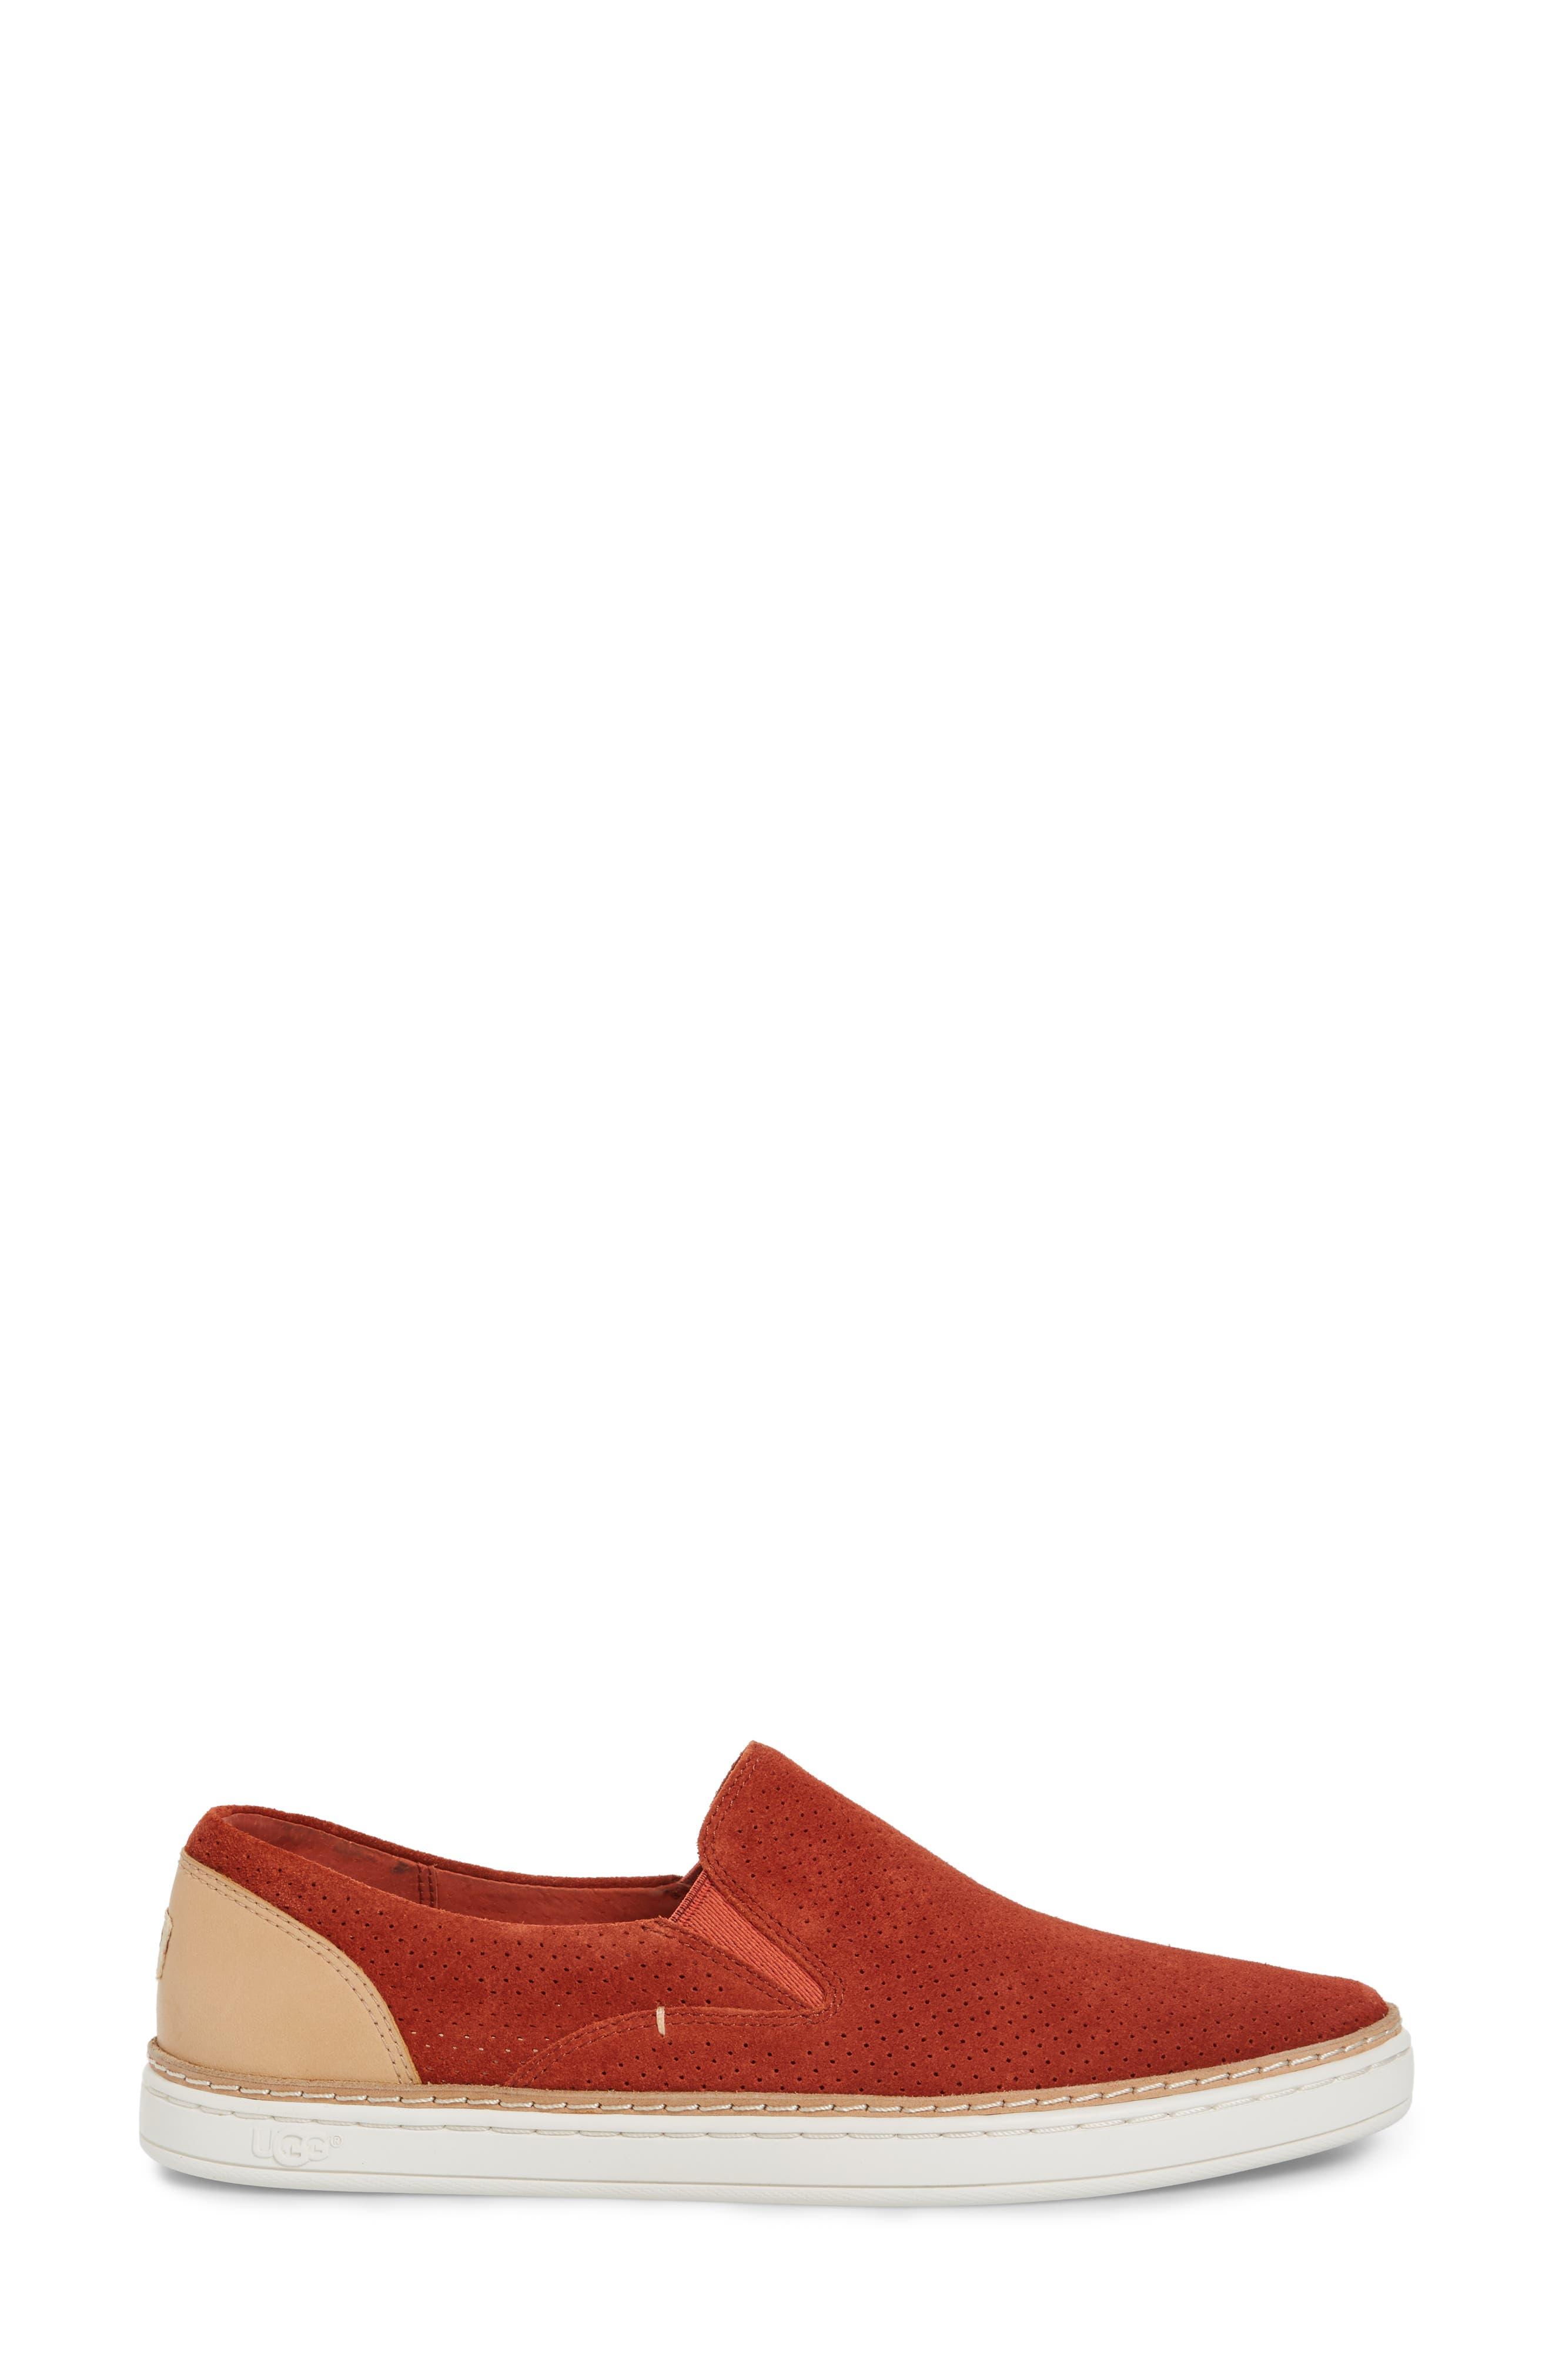 Adley Slip-On Sneaker,                             Alternate thumbnail 33, color,